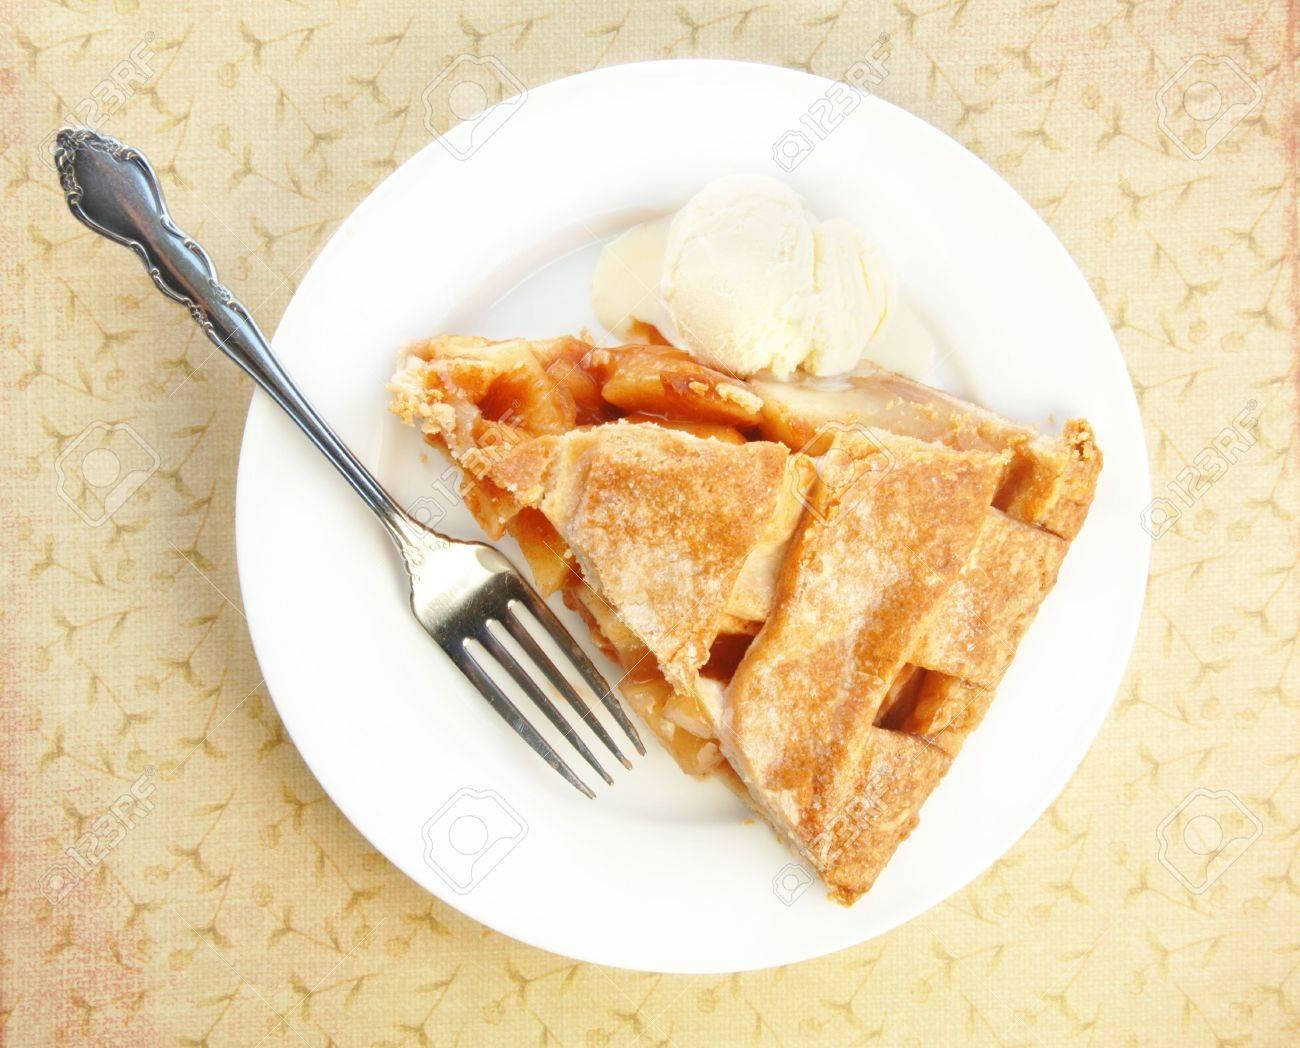 Lattice top apple pie slice with ice cream and fork. Stock Photo - 4782225